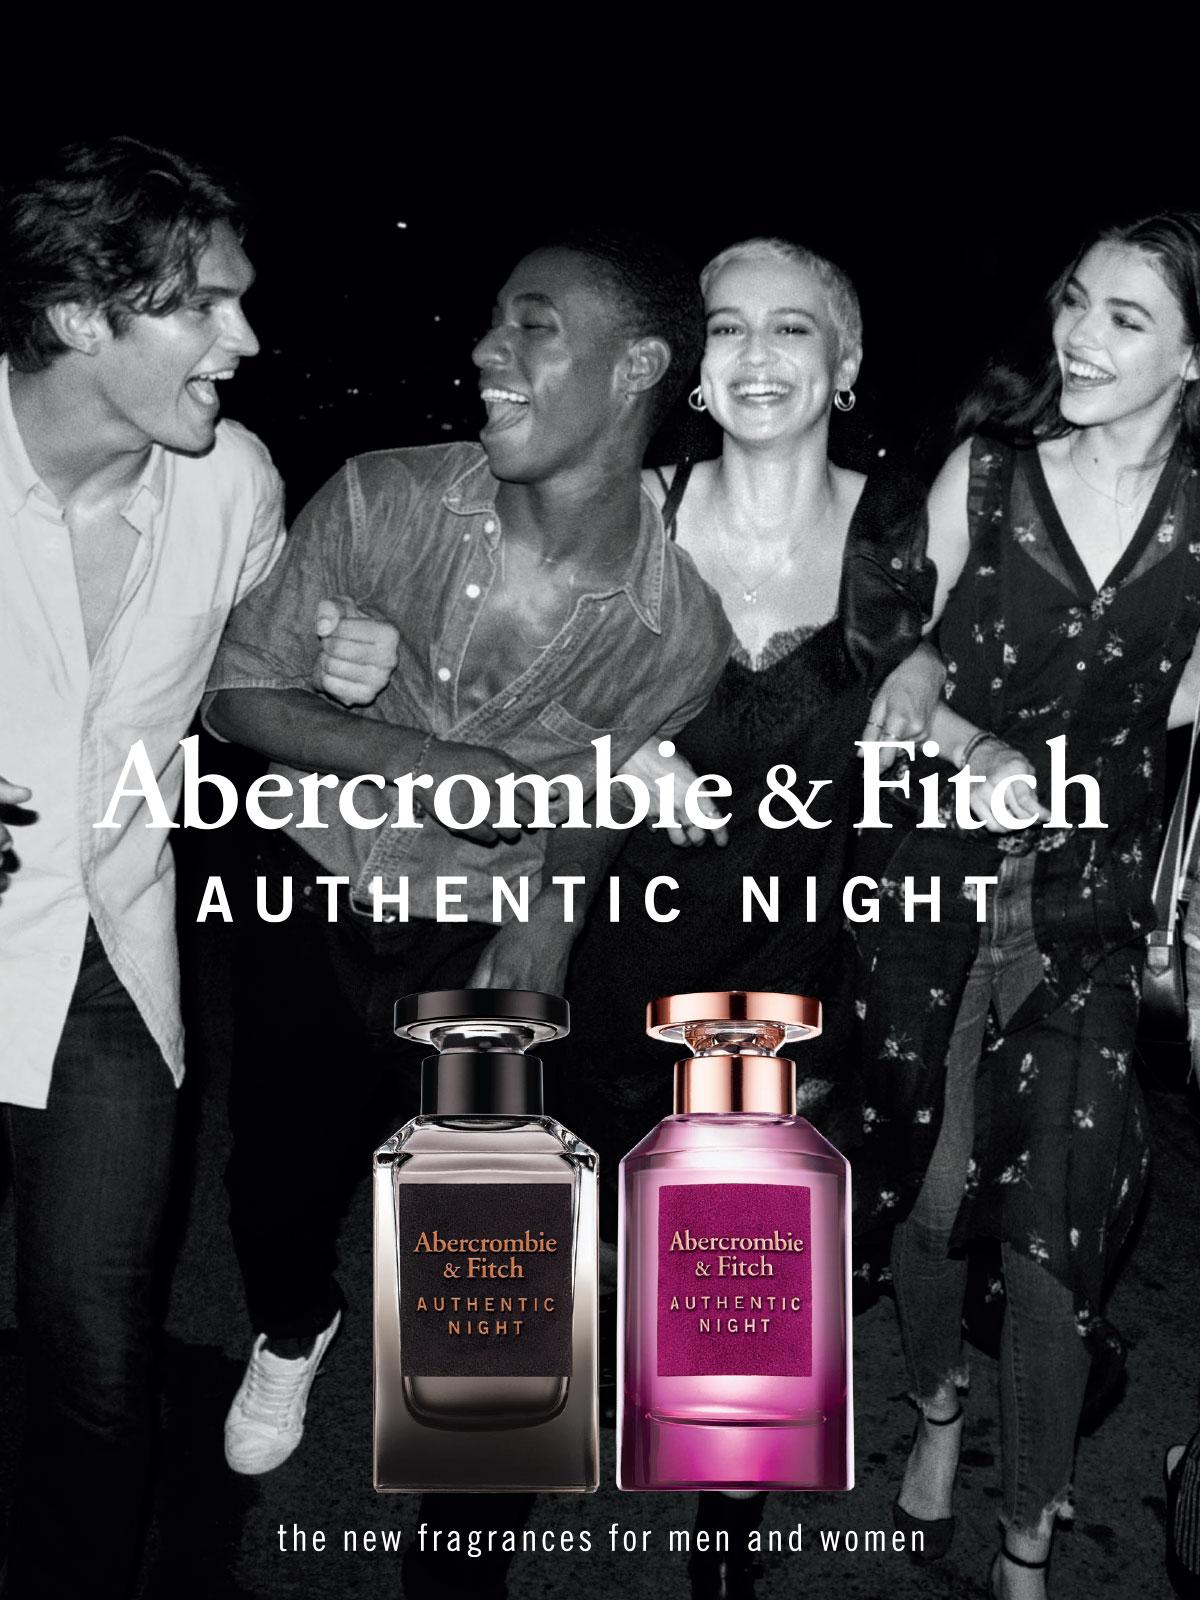 Ein Abercrombie & Fitch Parfum Visual